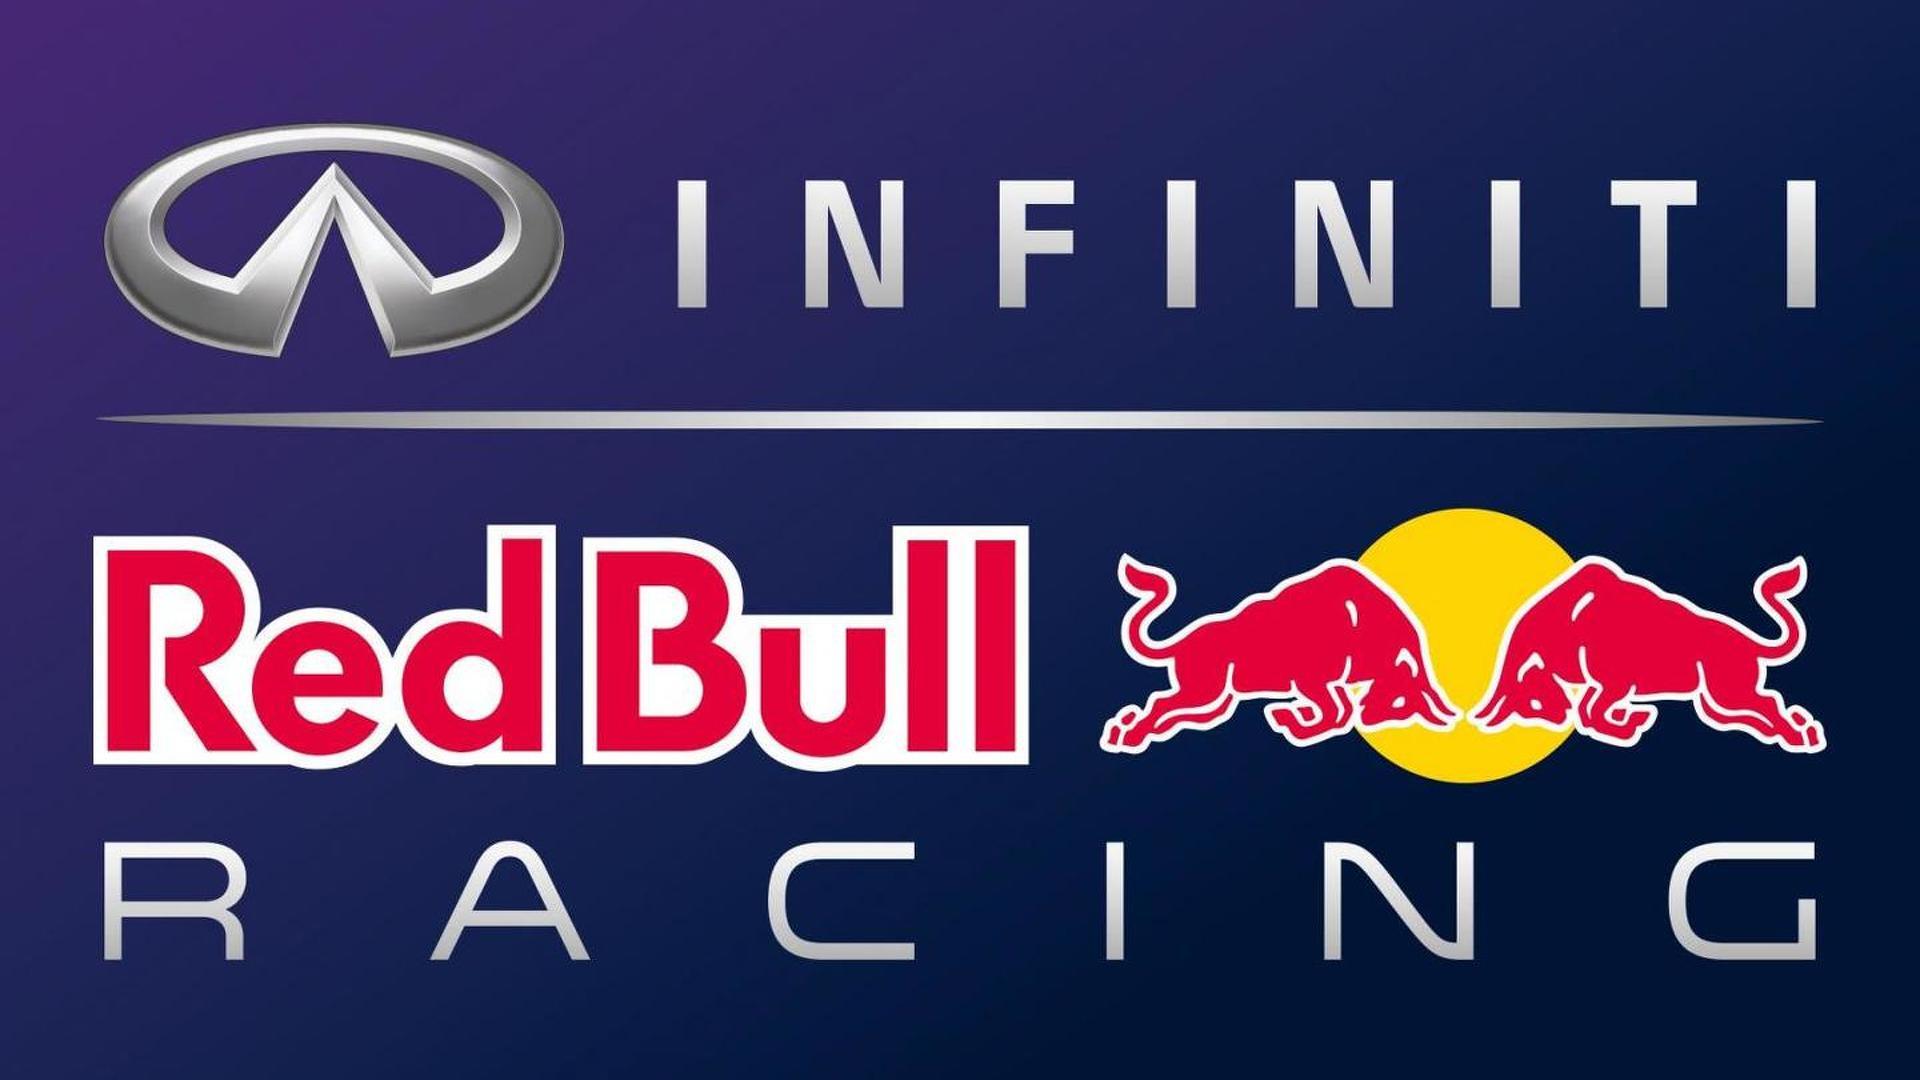 infinity red bull logo